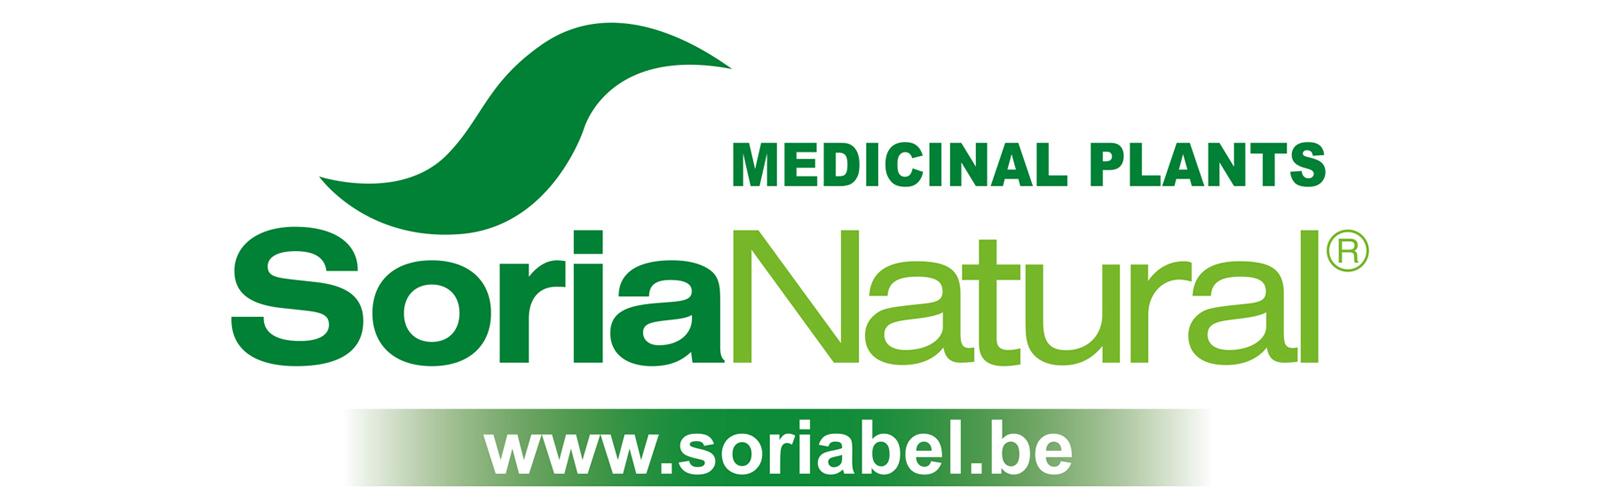 Logo-Soria-Natural-medicinal-plants---800x250